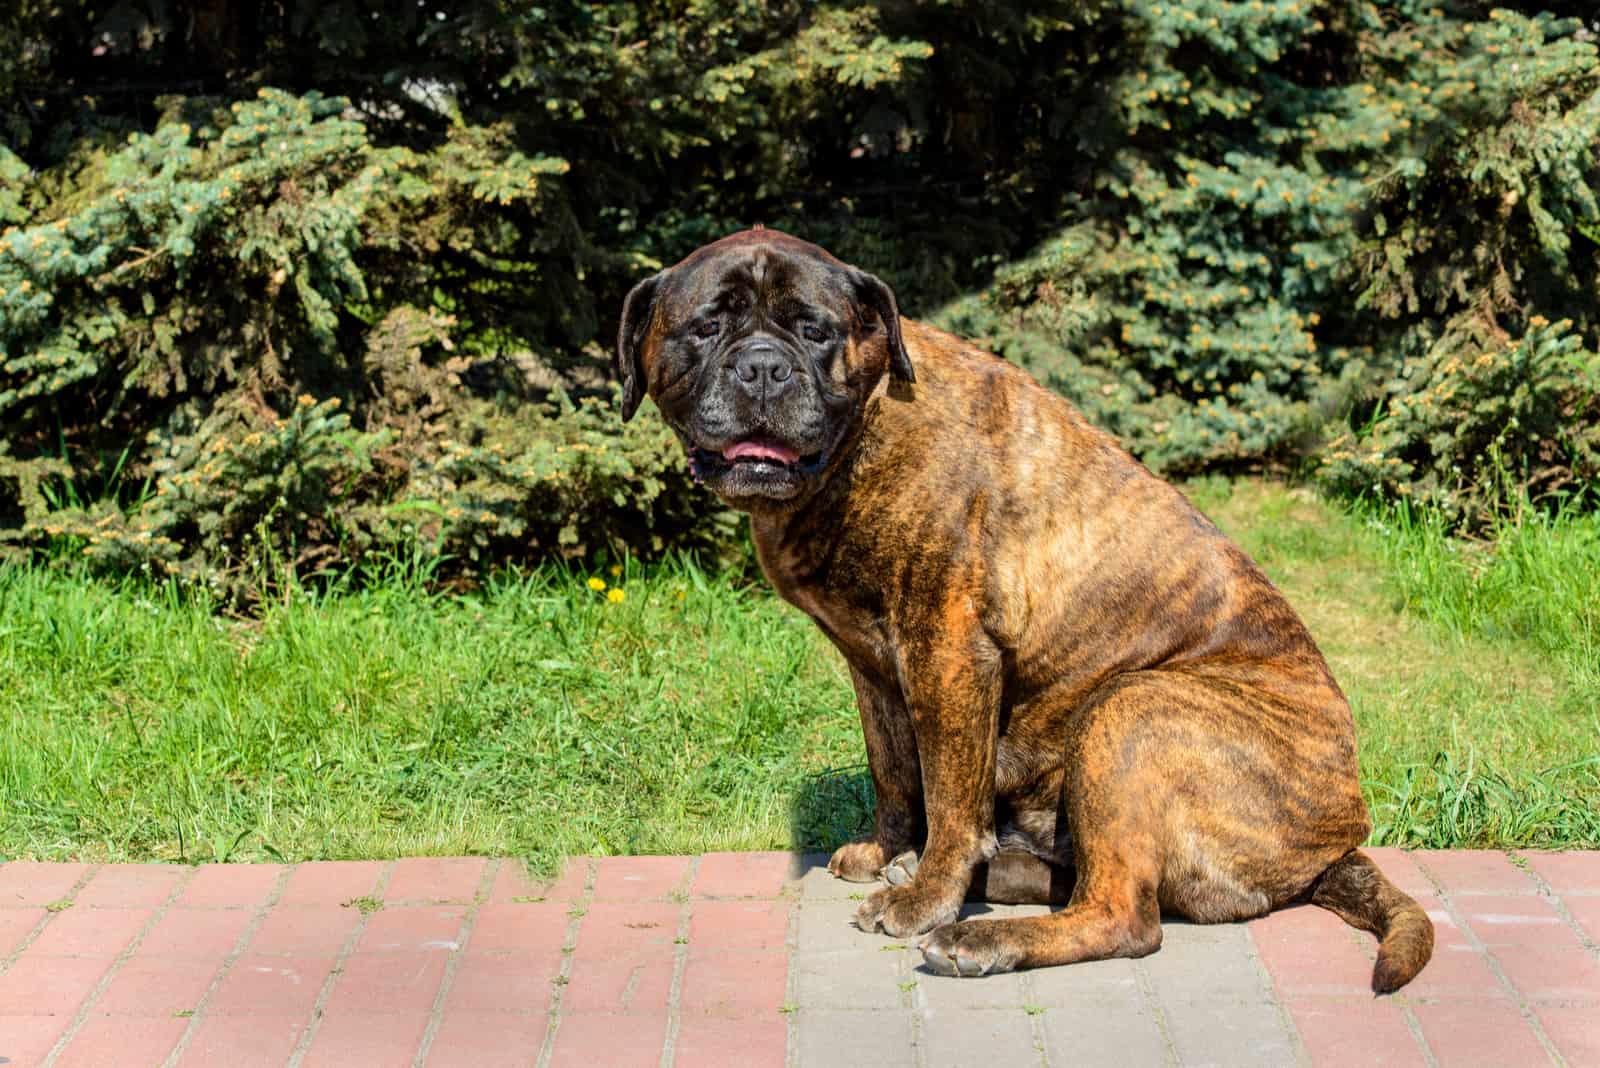 Bullmastiff dog sitting in the park